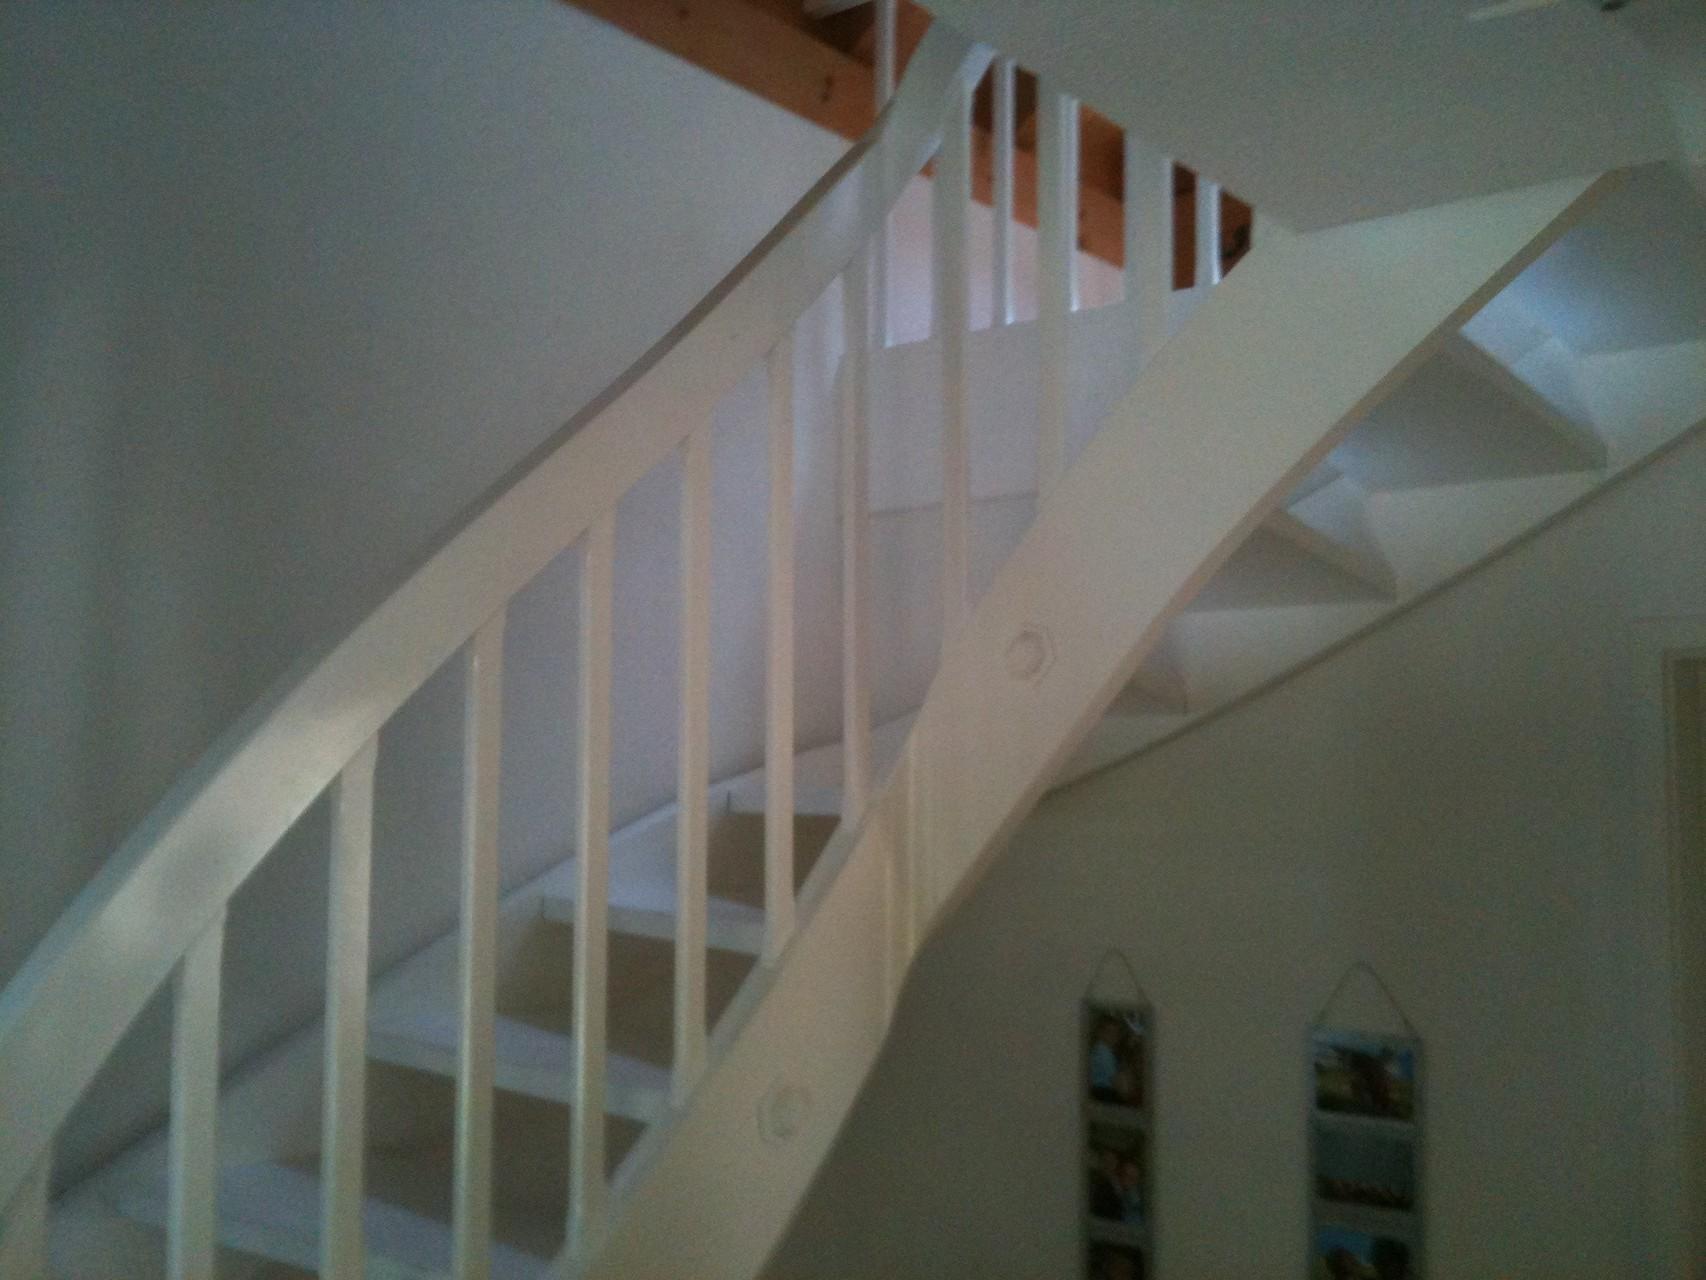 Die Treppe aus Holz war alt und unschön, durch schleifen und einen neuen Anstrich erscheint sie in neuem Glanz.